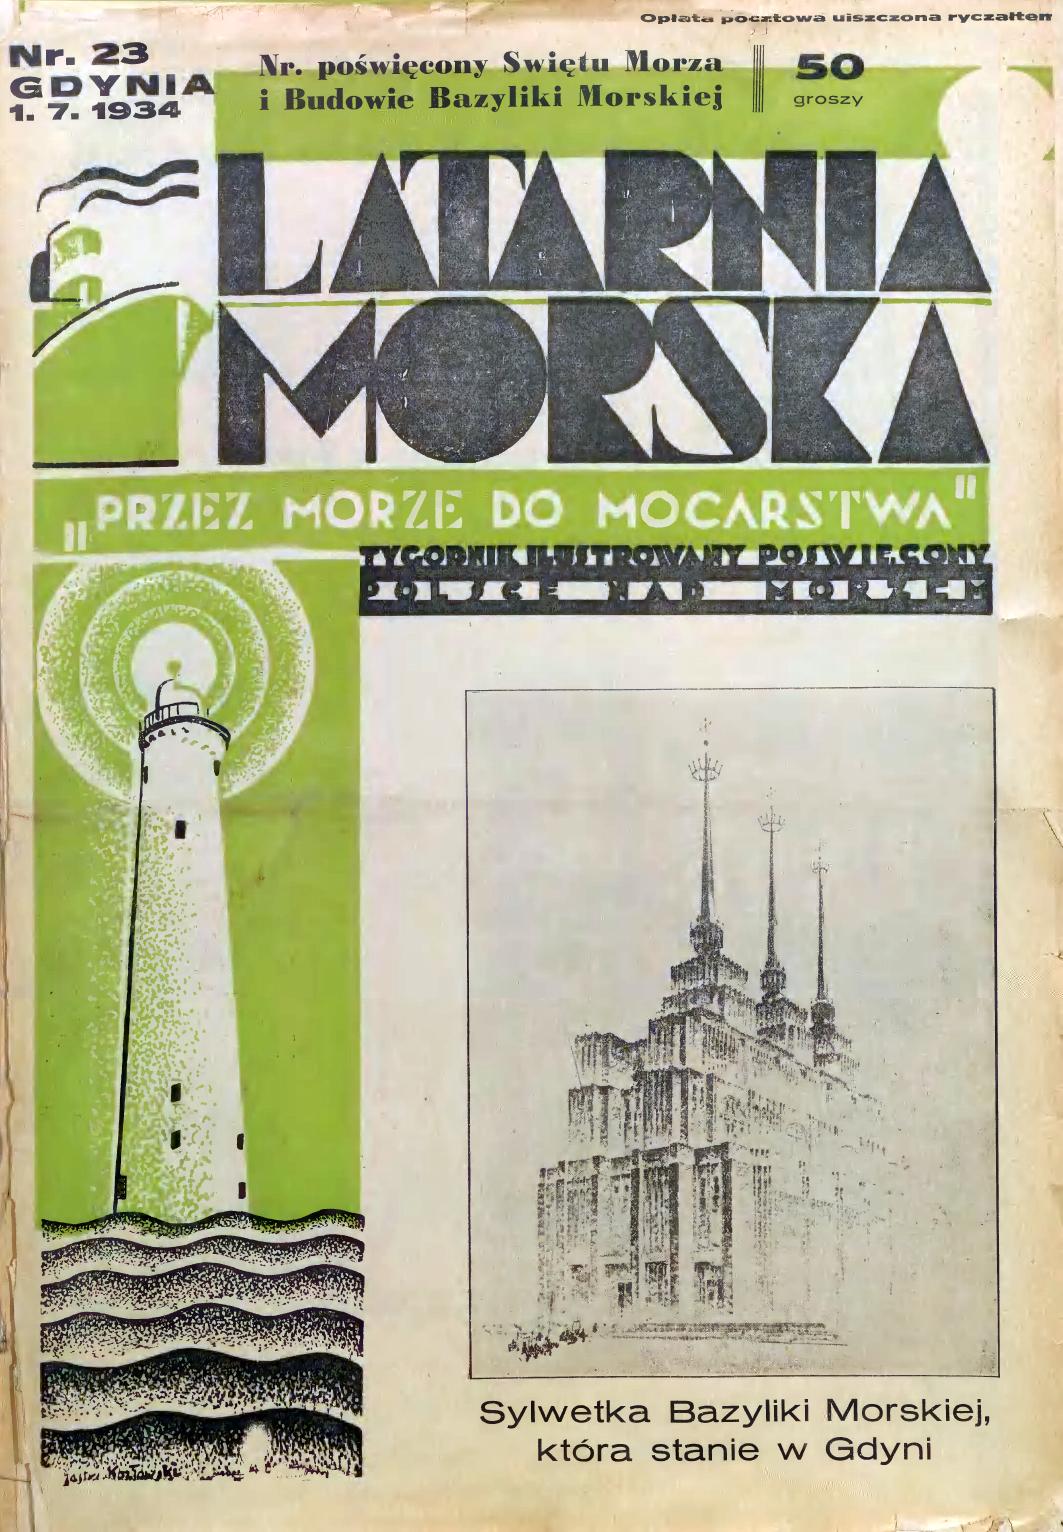 Latarnia Morska: tygodnik ilustrowany poświęcony Polsce nad morzem. – Gdynia : Balto Polak – Zakłady Graficzne i Wydawnicze, 1934, nr 22